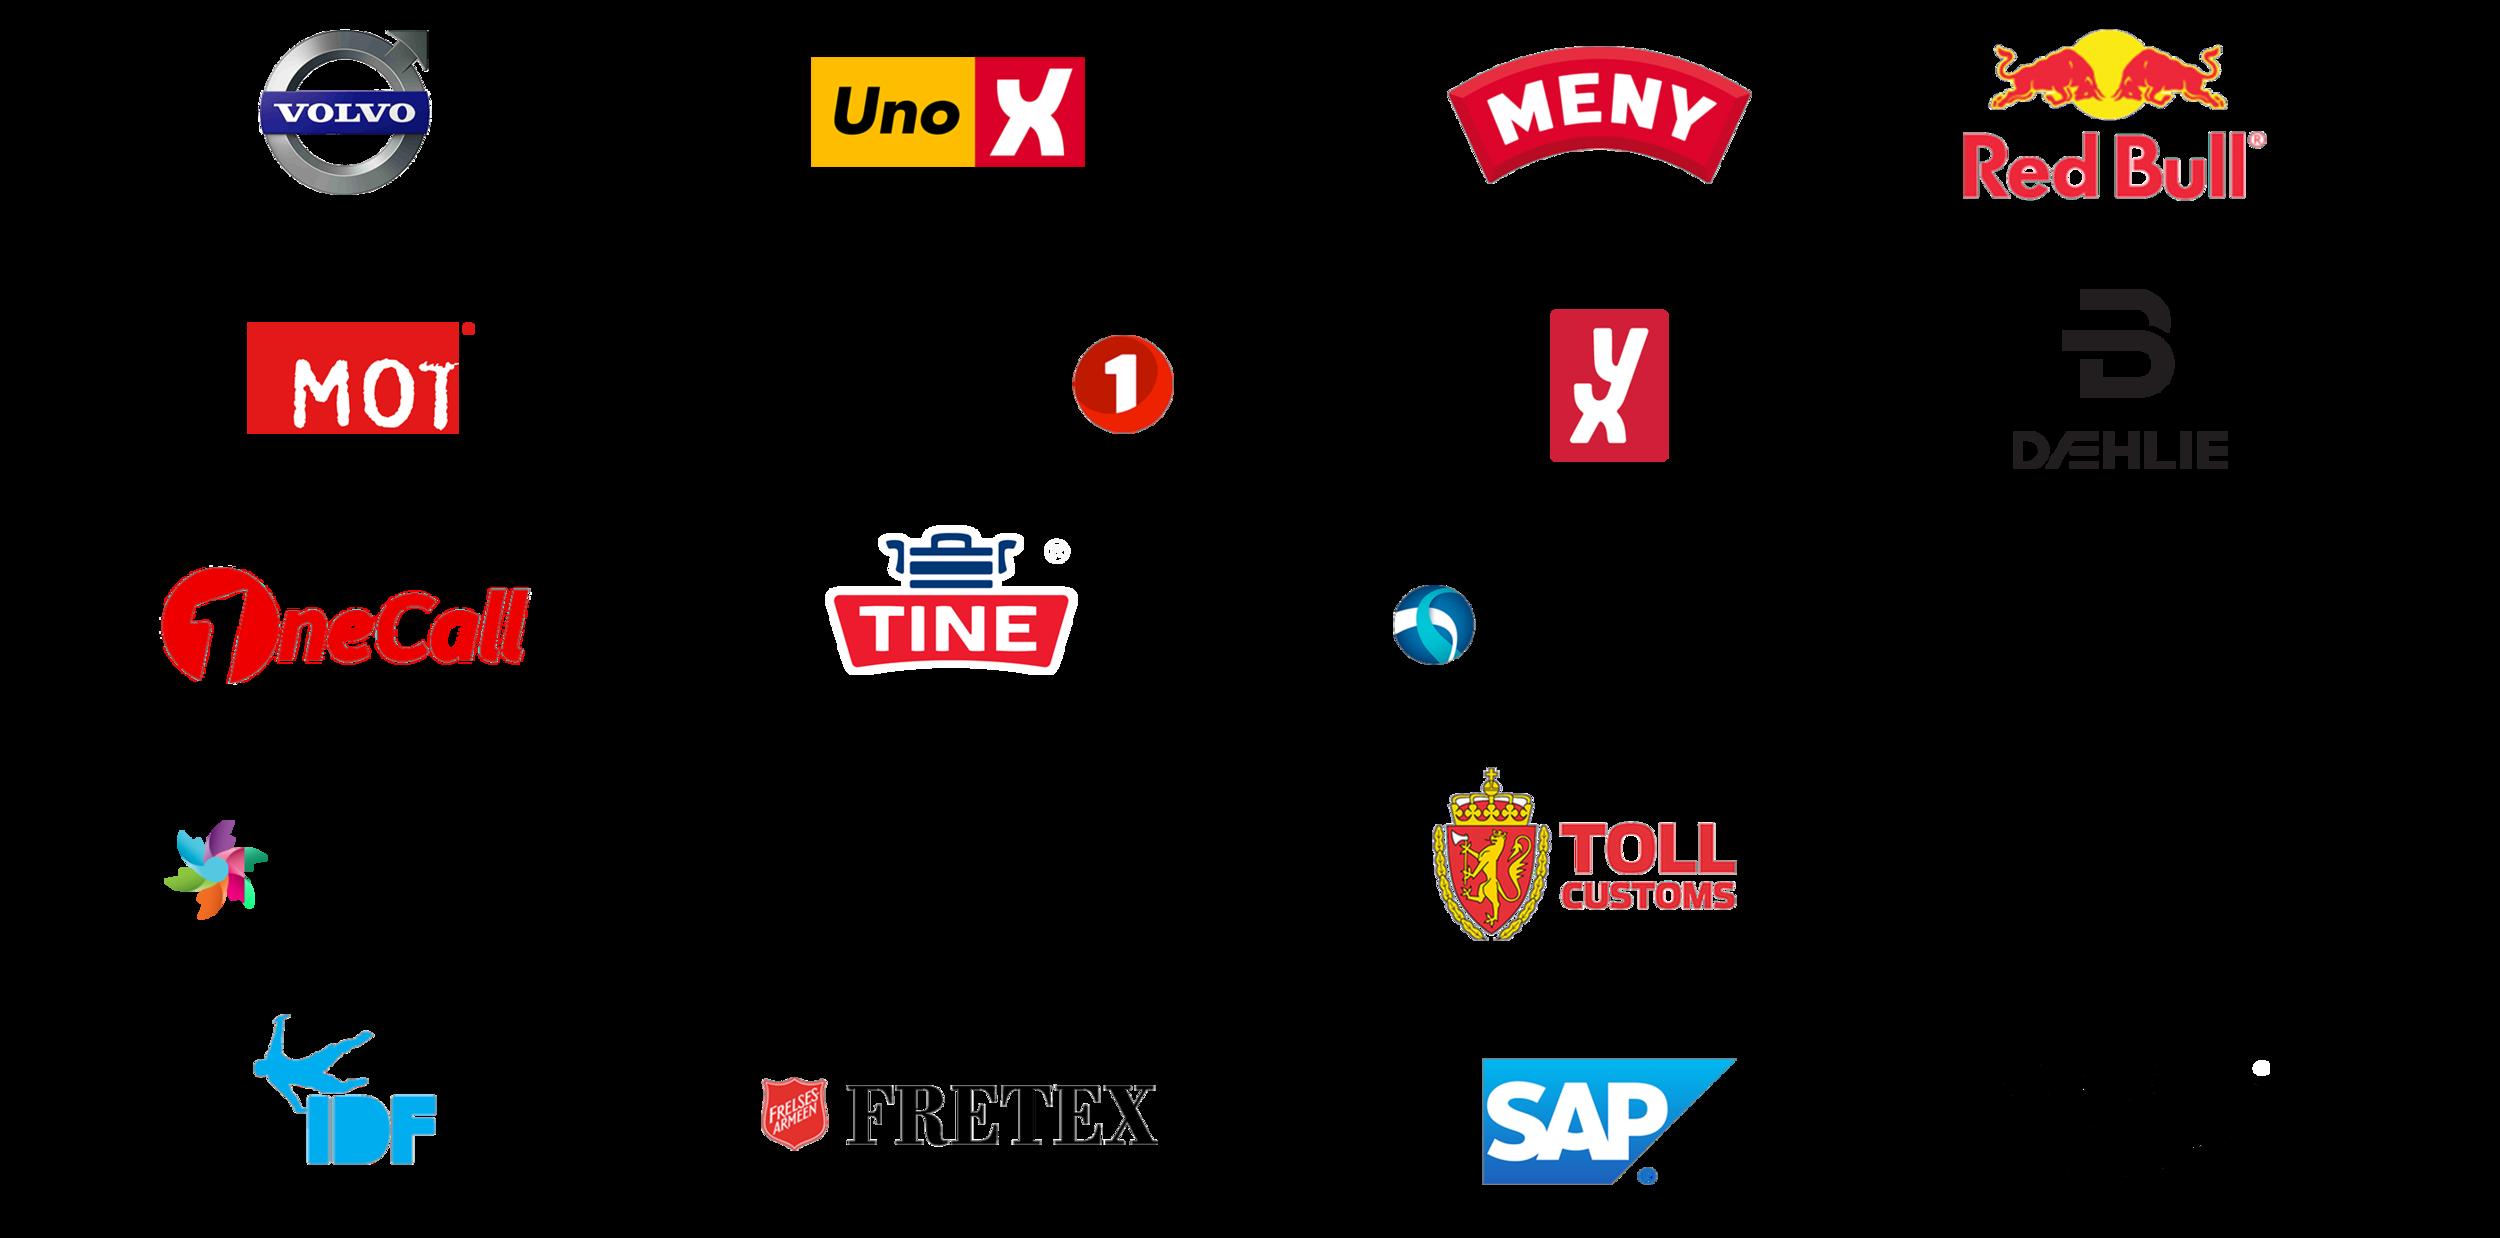 Logo_Sheet_2019.png